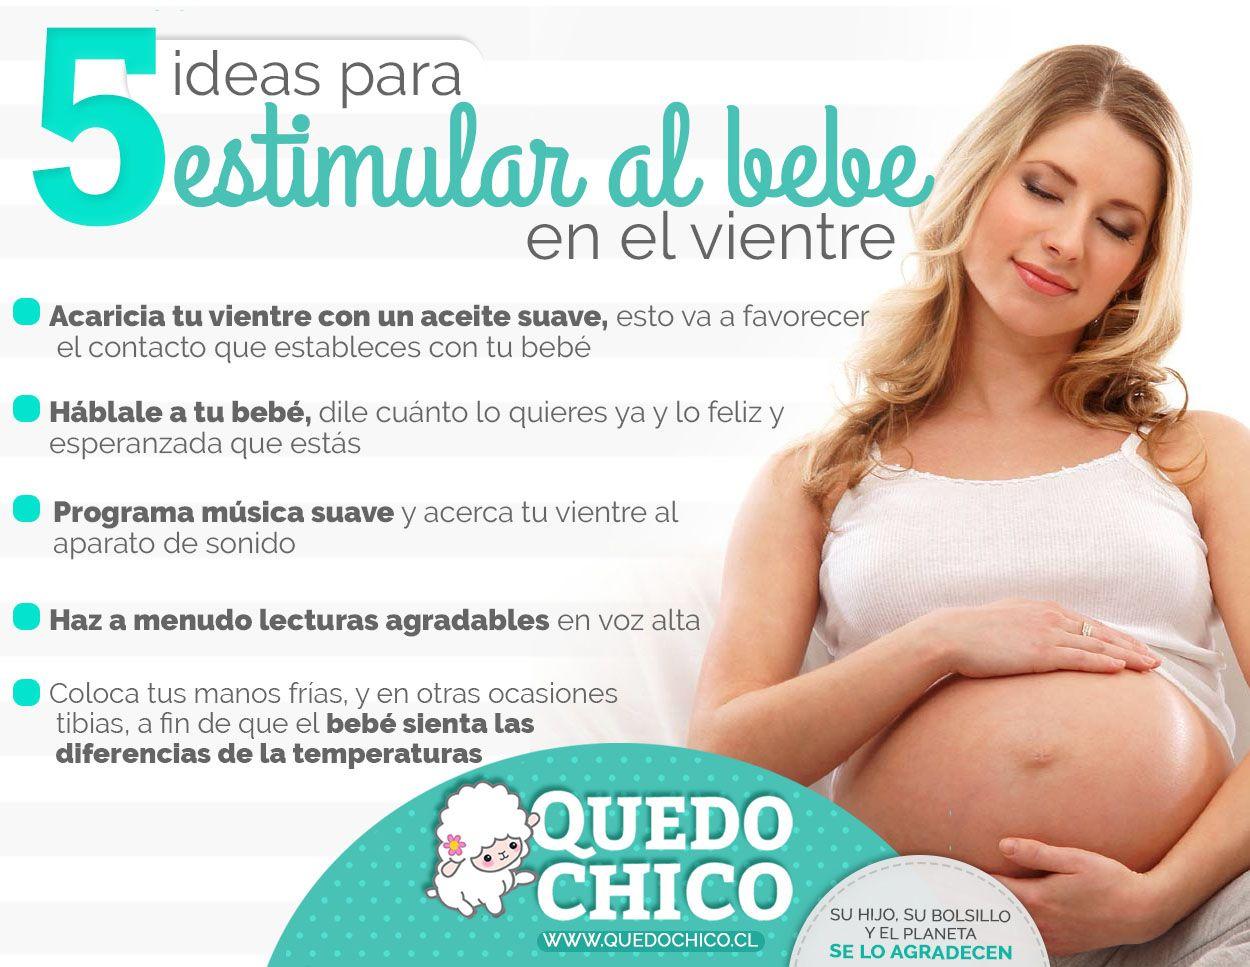 En Quedochico Te Brindamos Los Consejos Para Estimular A Tu Bebé En El Vientre Embarazo Divertido Embarazo Saludable Consejos Para El Embarazo